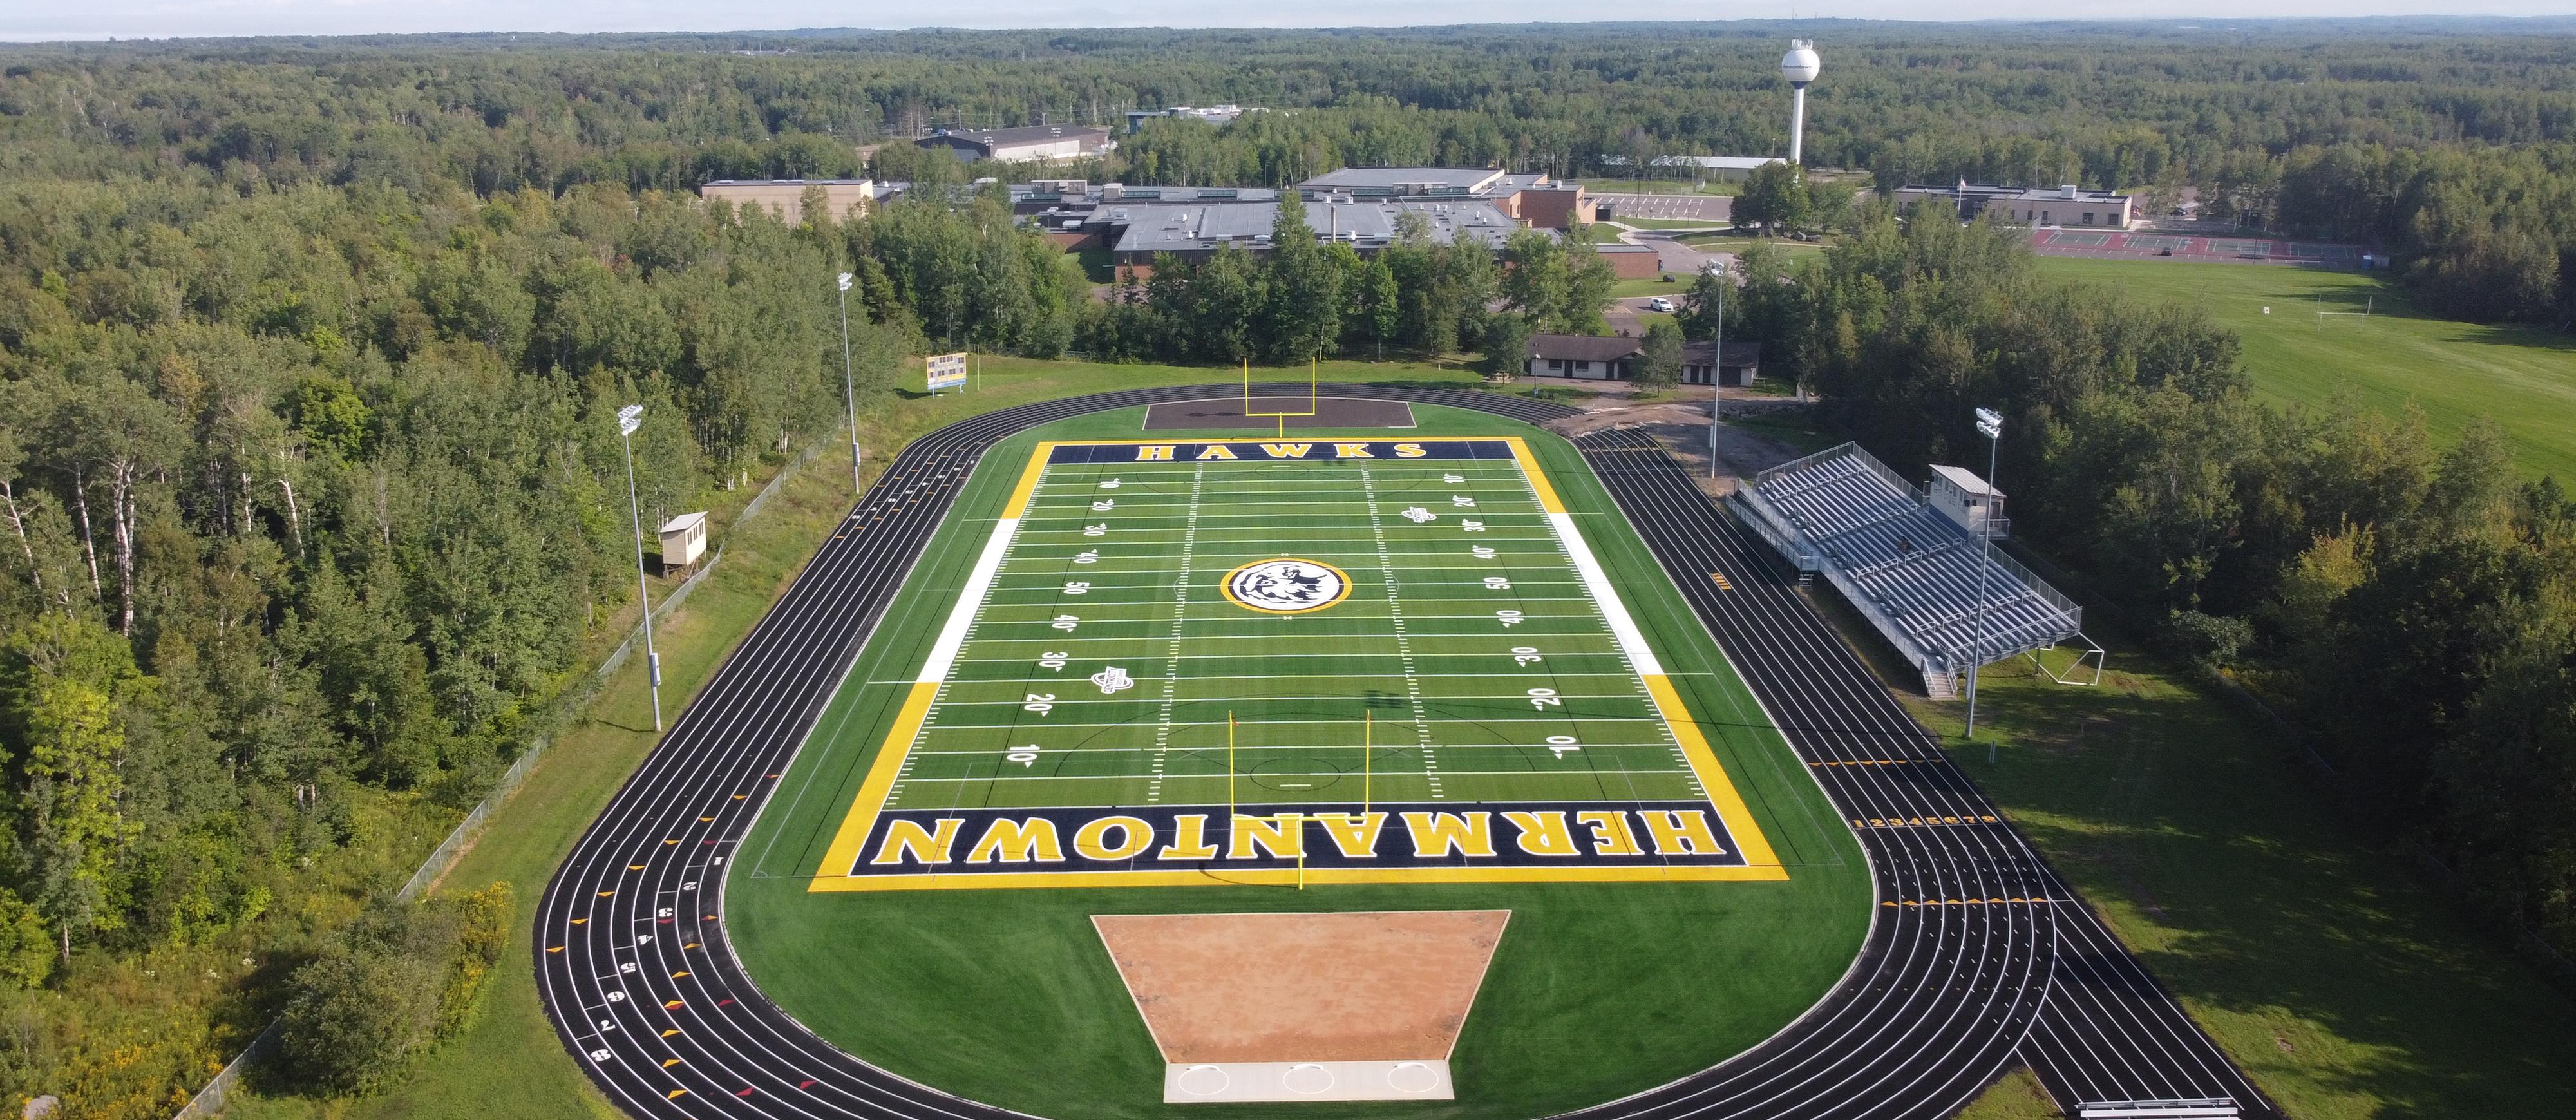 Hermantown Football Field - aerial